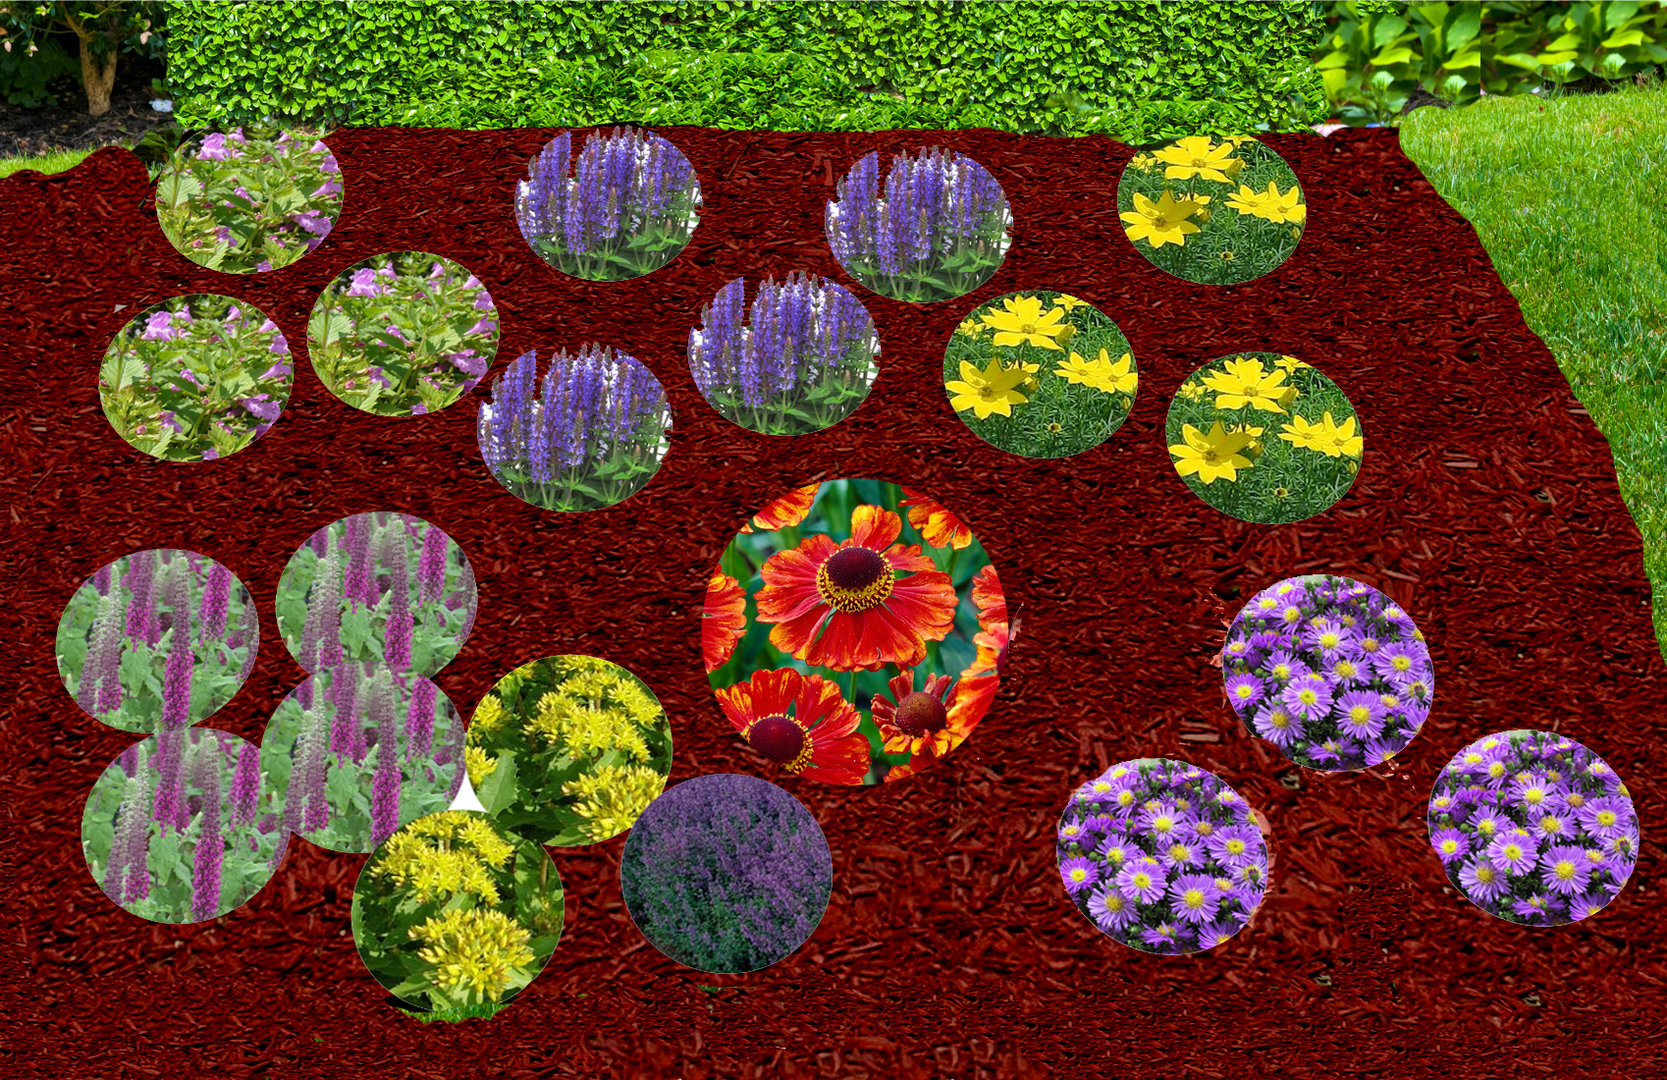 Pflanzenset staudenbeet bienen 3 4 m pflanzen versand for Versand zimmerpflanzen